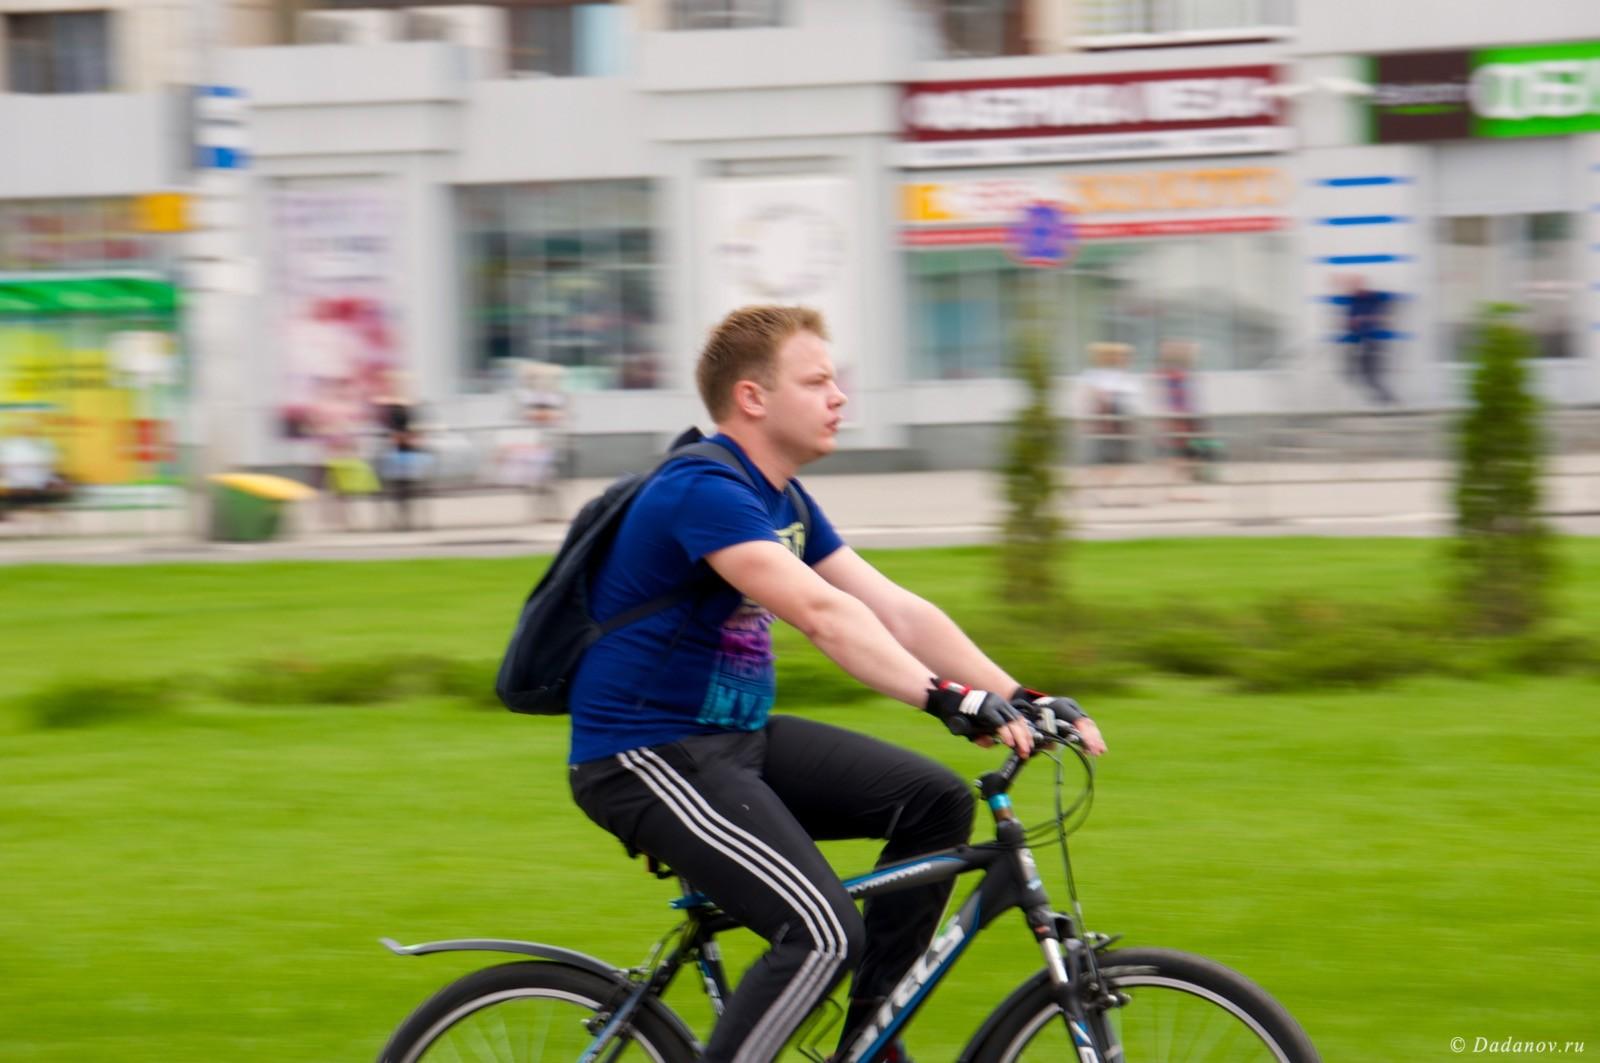 Велодень 2016 в Липецке состоялся. Фотографии с мероприятия 3037